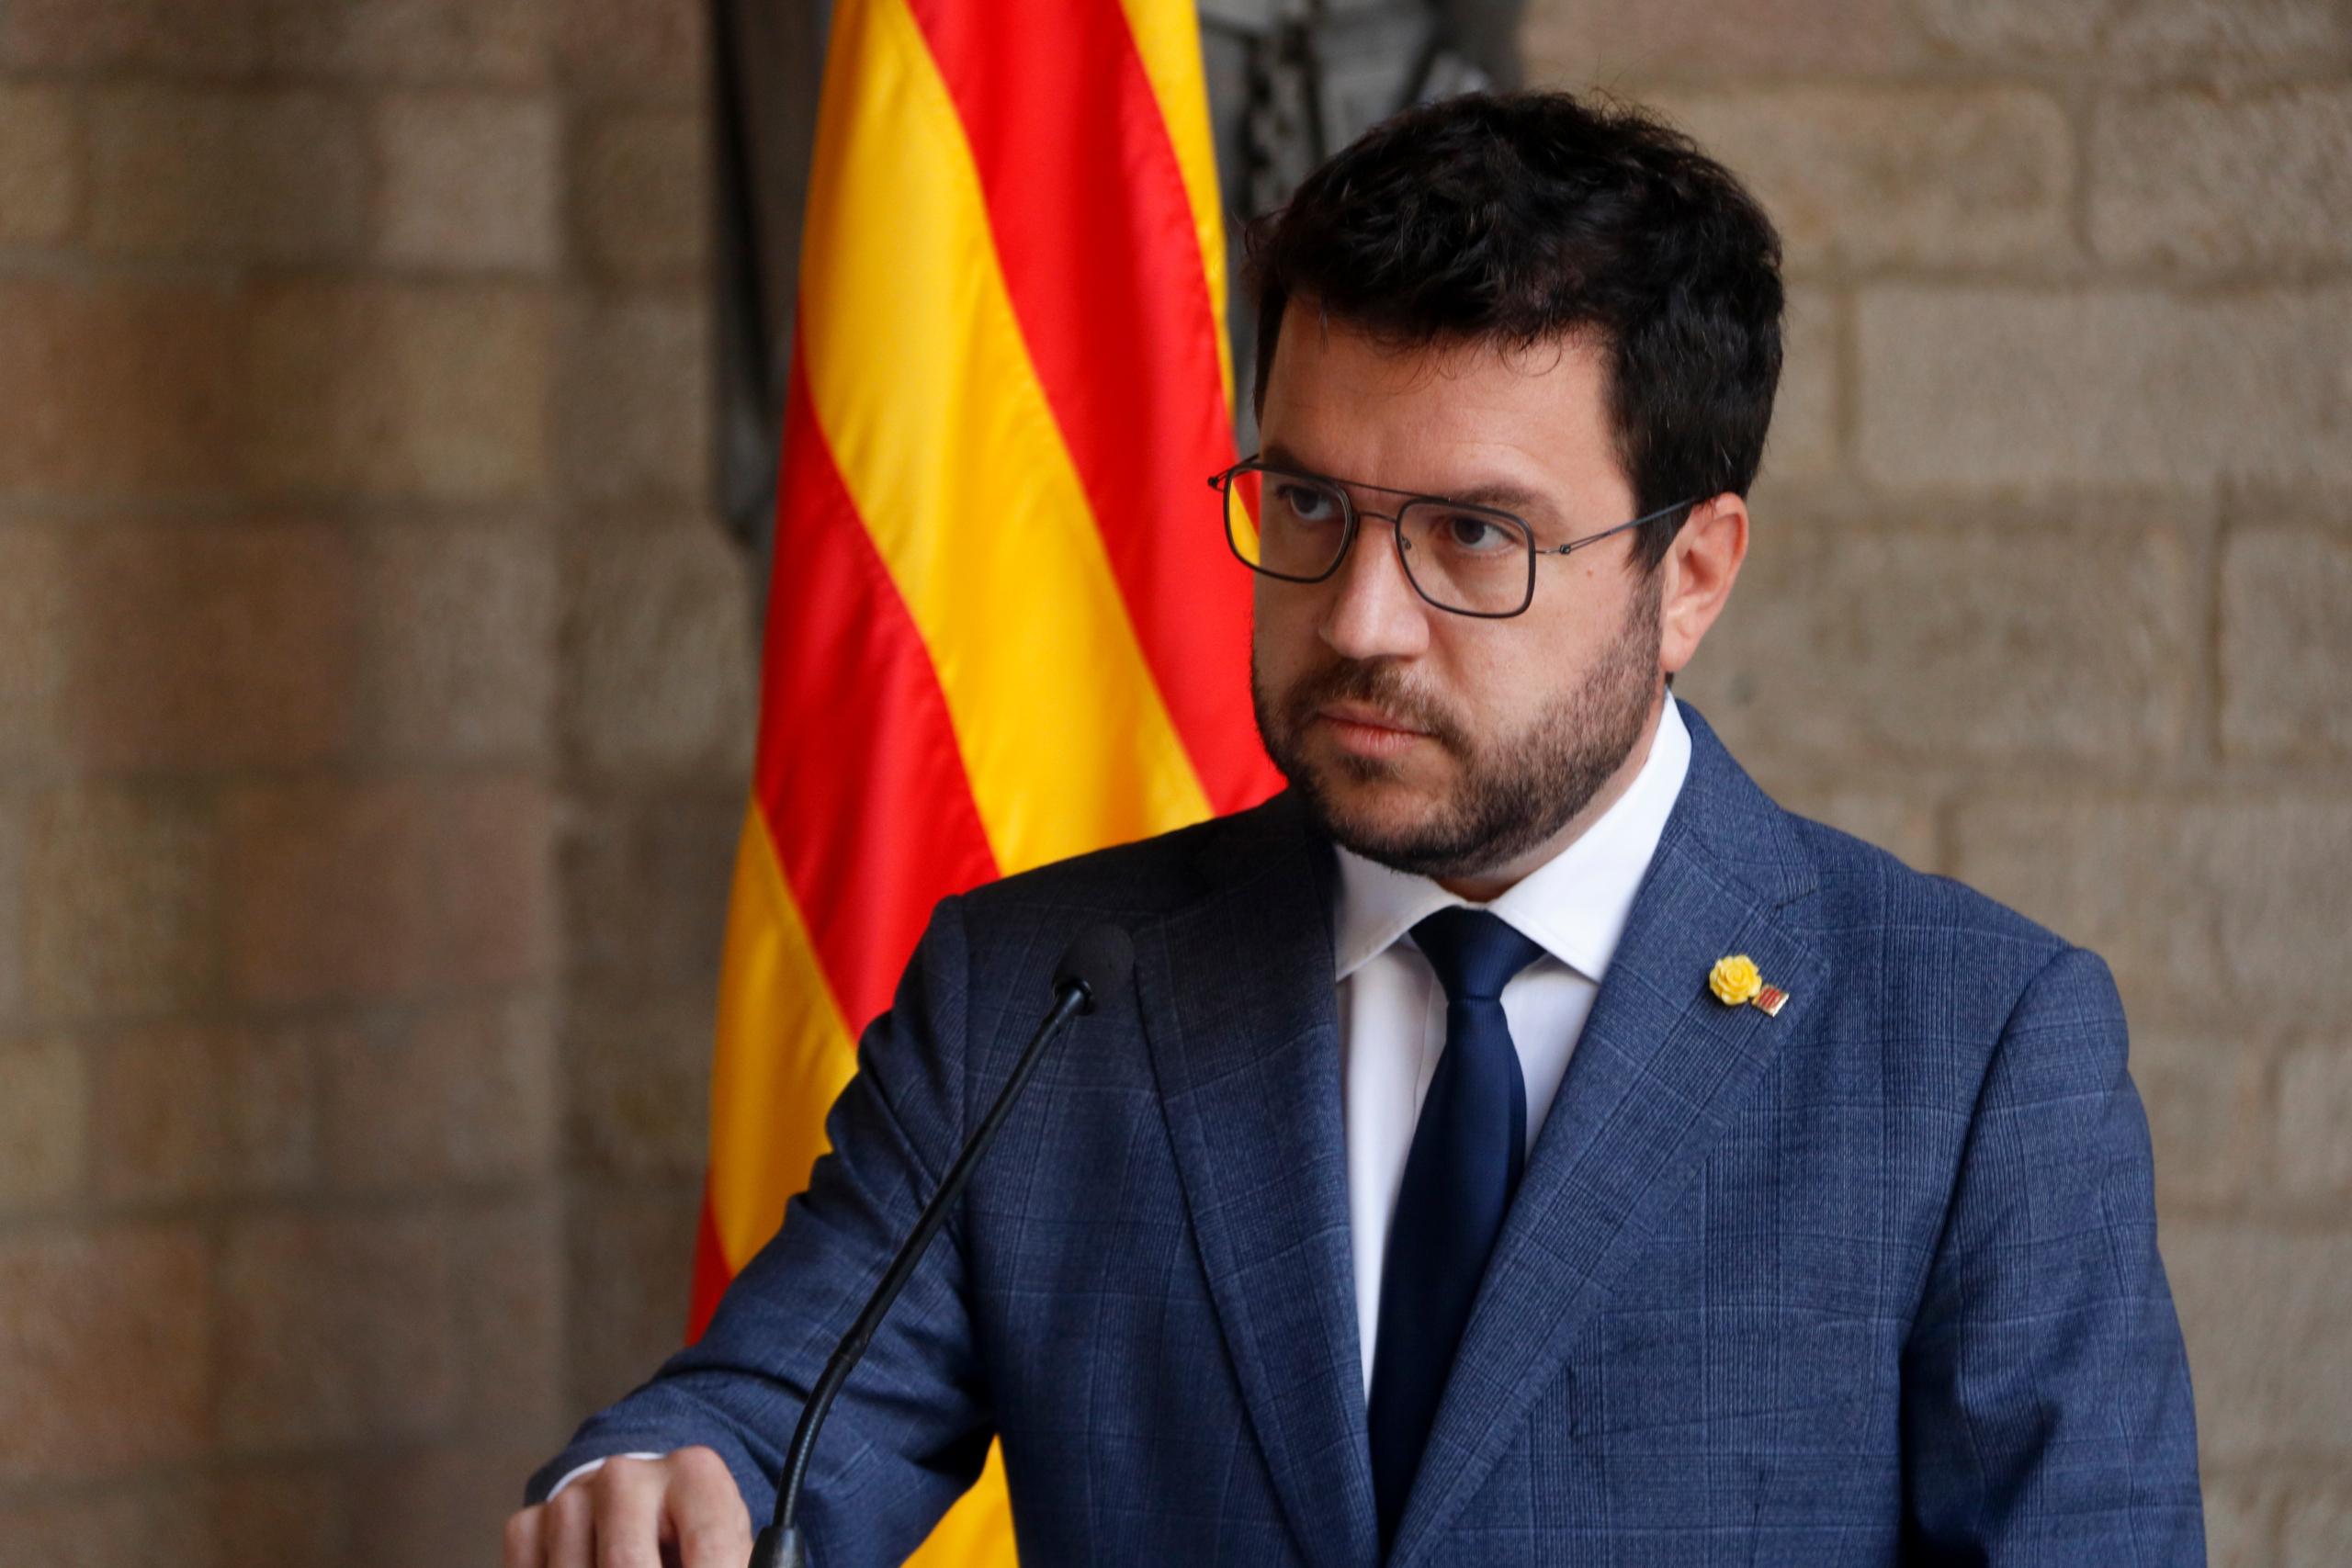 El president de la Generalitat, Pere Aragonès, anunciant que aparta Junts per Catalunya de la taula de diàleg | ACN